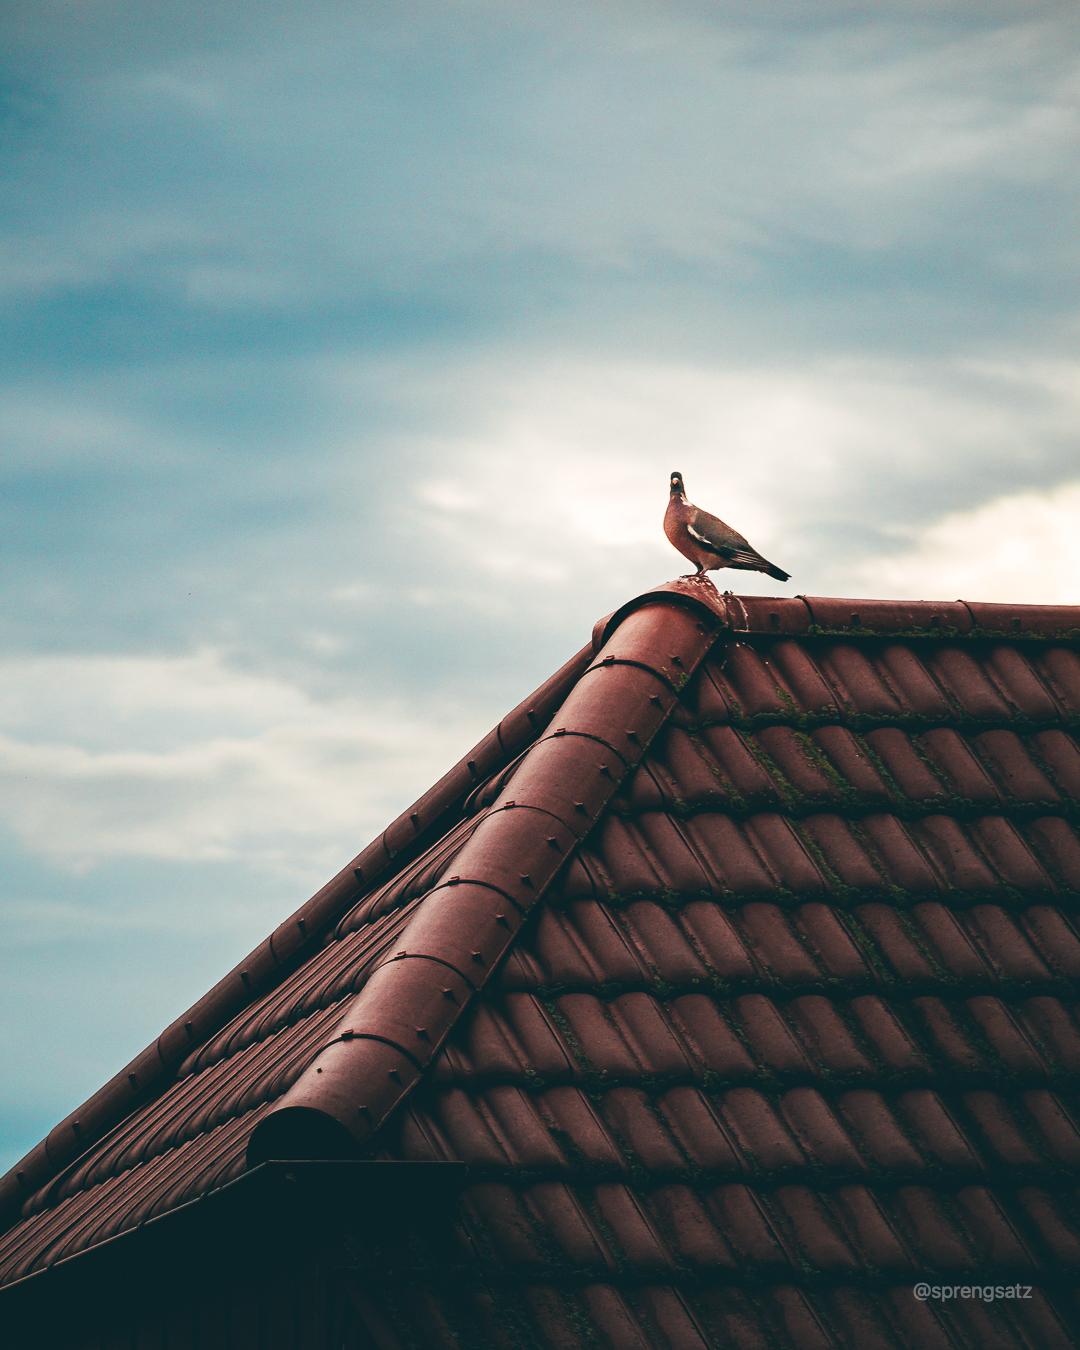 Ringeltaube sitz auf Hausdach in Albisheim